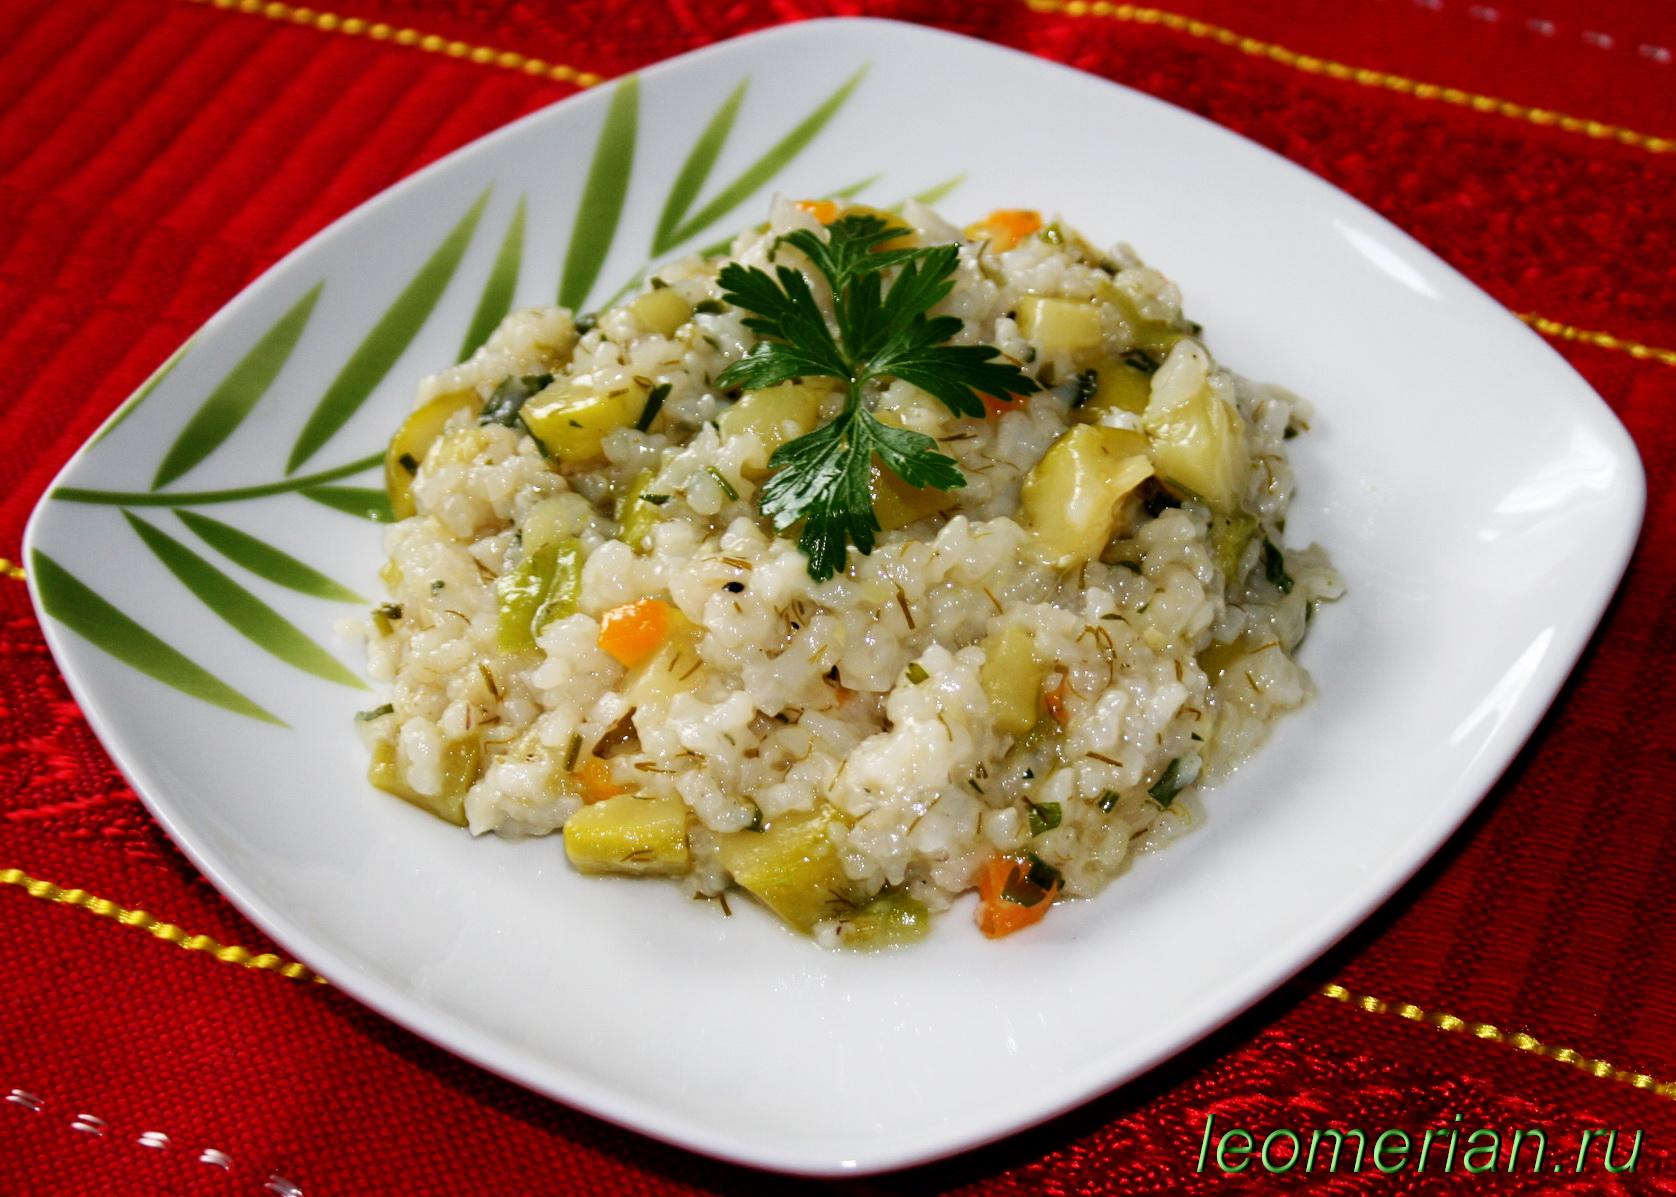 Рис тушеный с овощами фото пошагово в